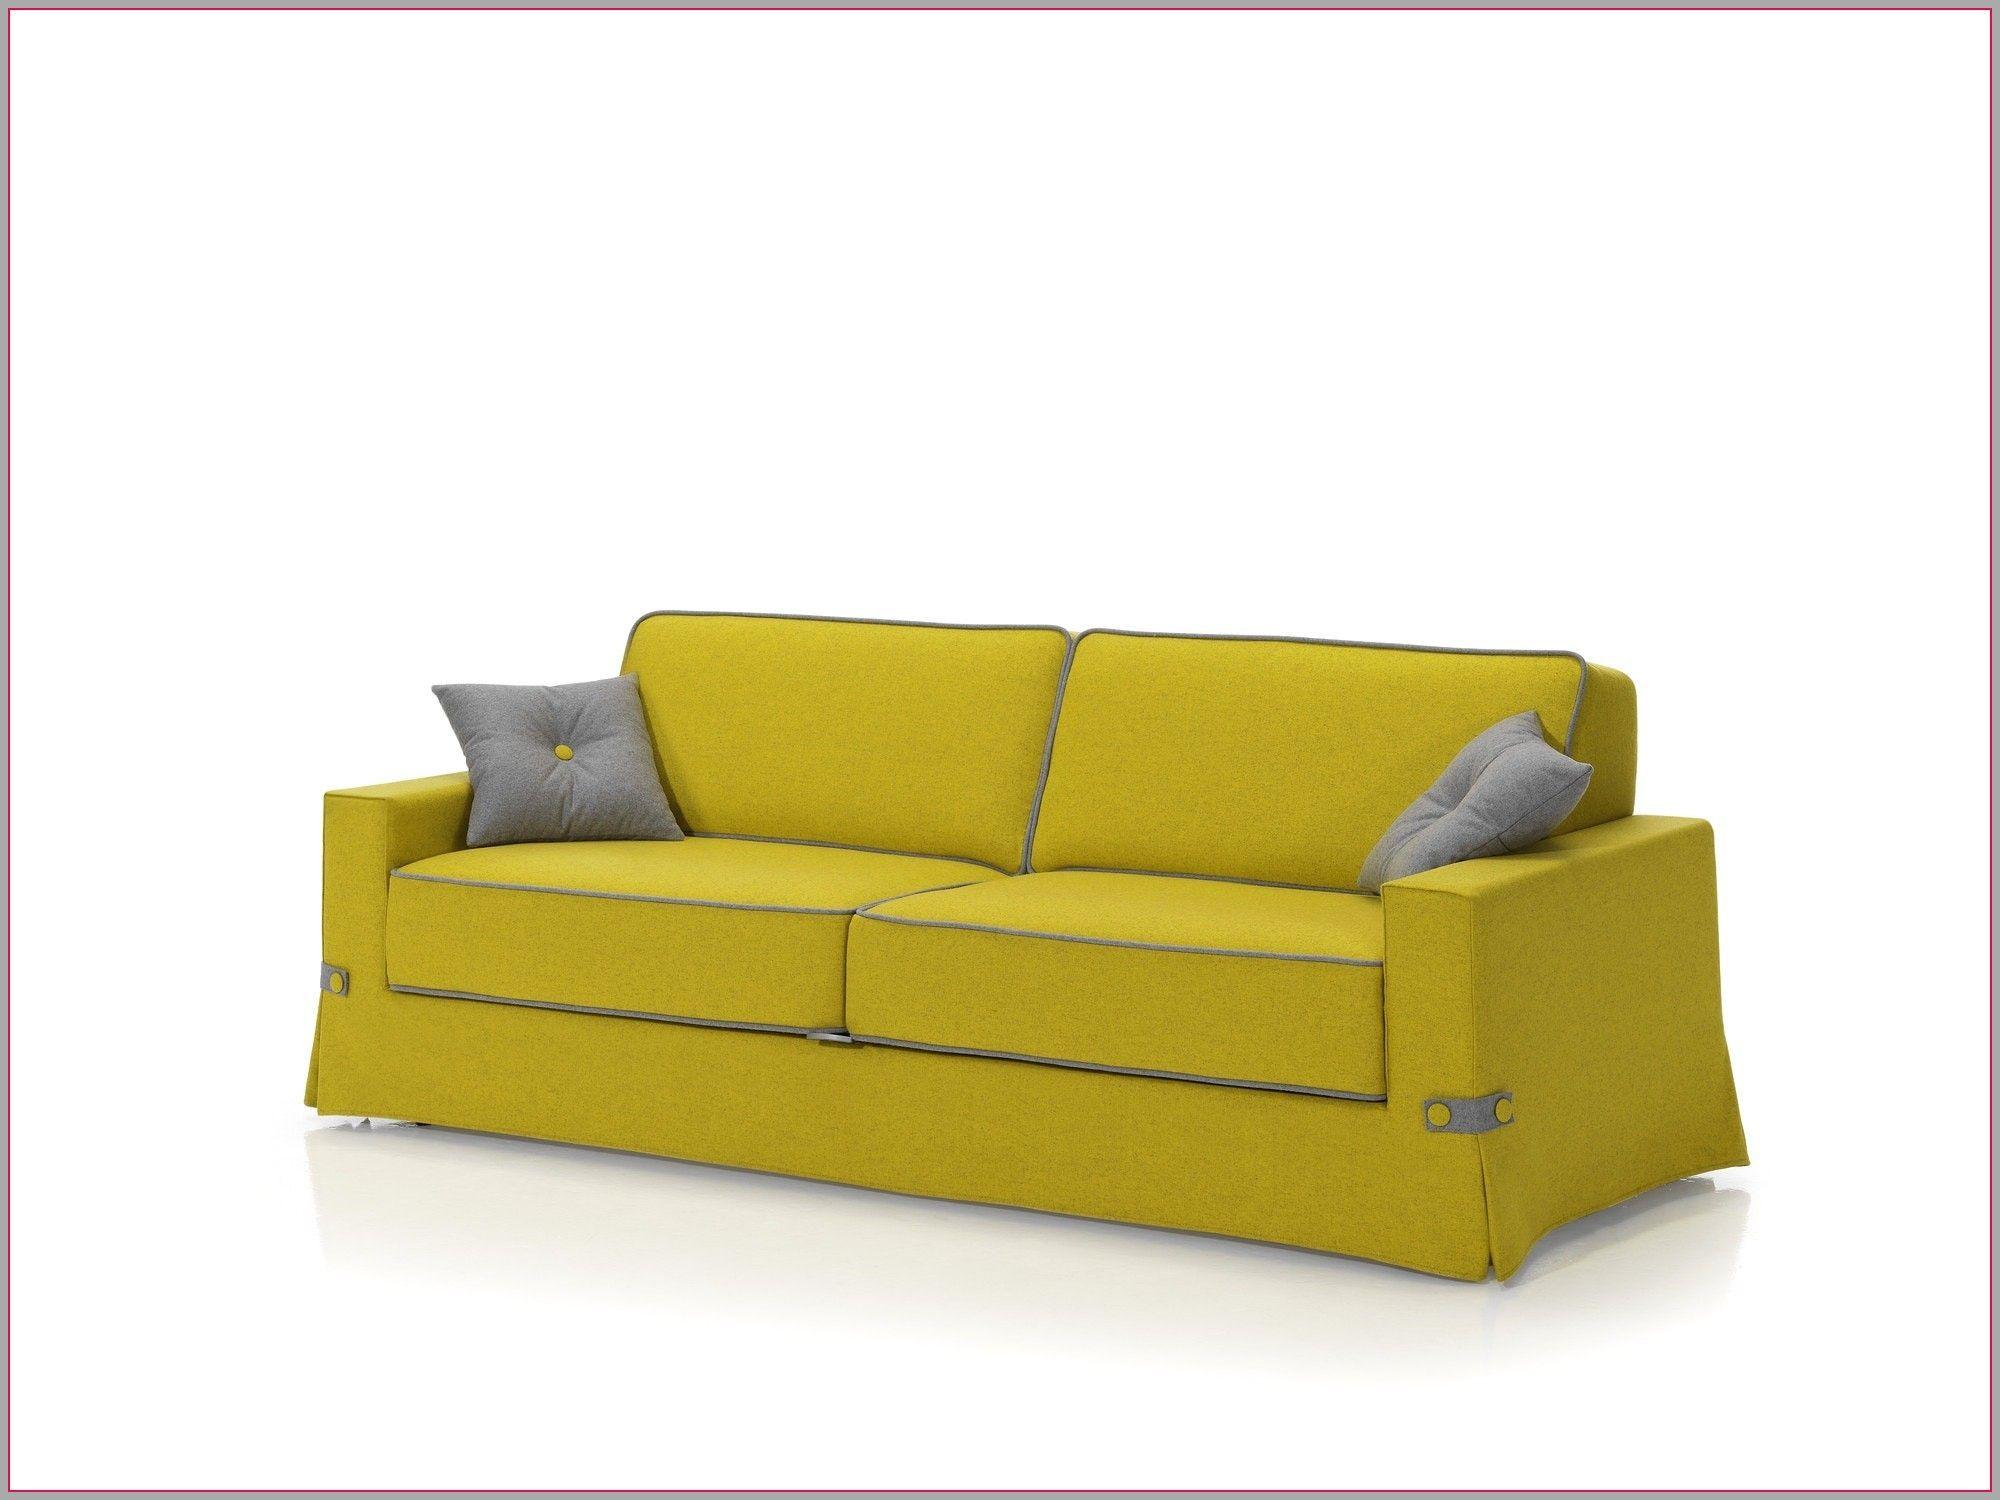 Canapé Lit 2 Places Ikea Impressionnant Photos La Charmant Choisir Un Canapé Conception  Perfectionner La G Te